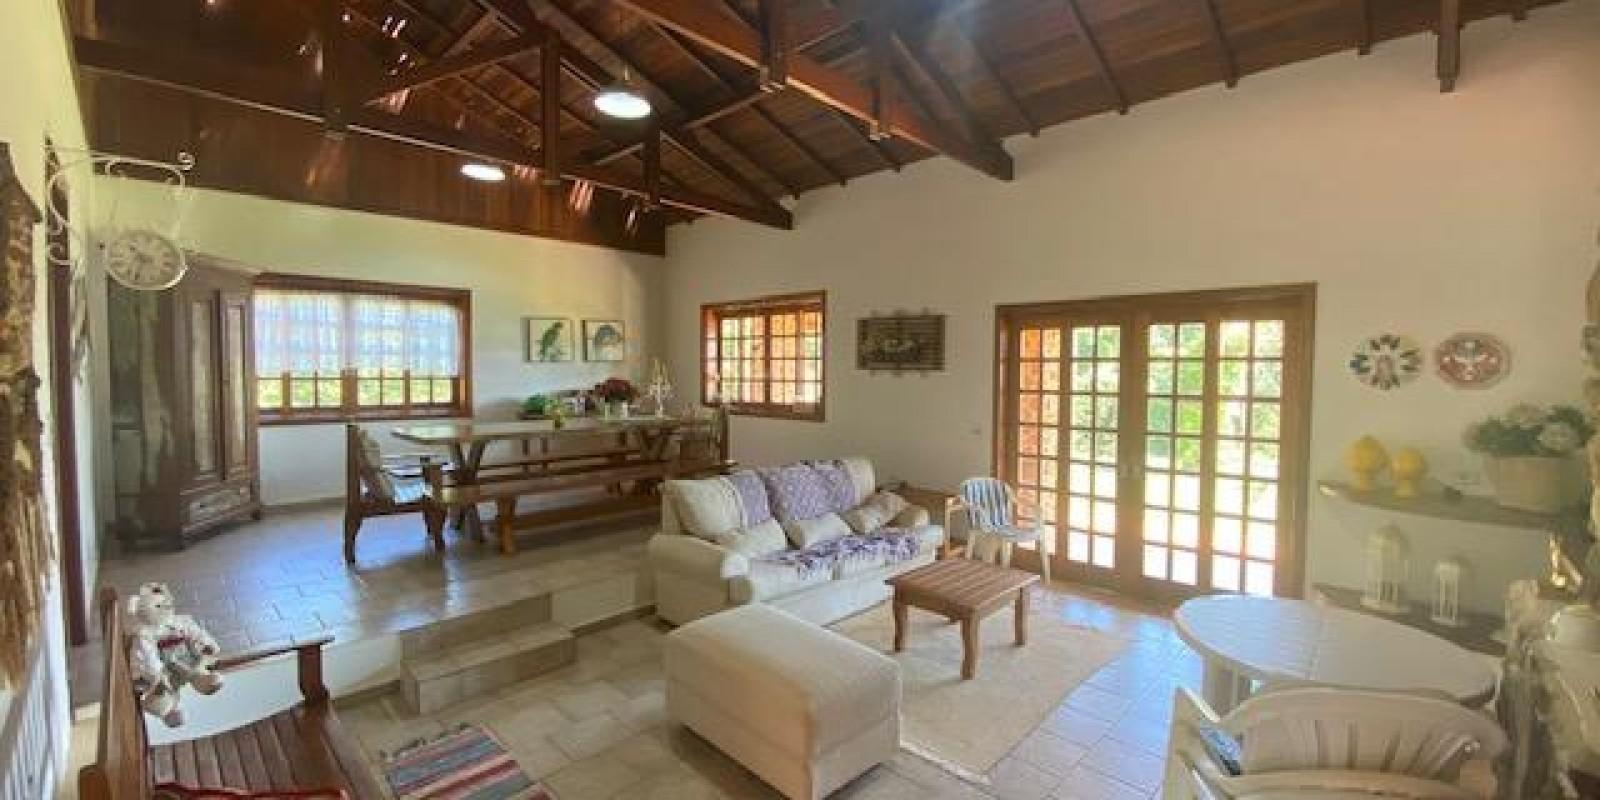 Casa na Represa Condomínio  Parque Náutico em Avaré SP - Foto 8 de 40